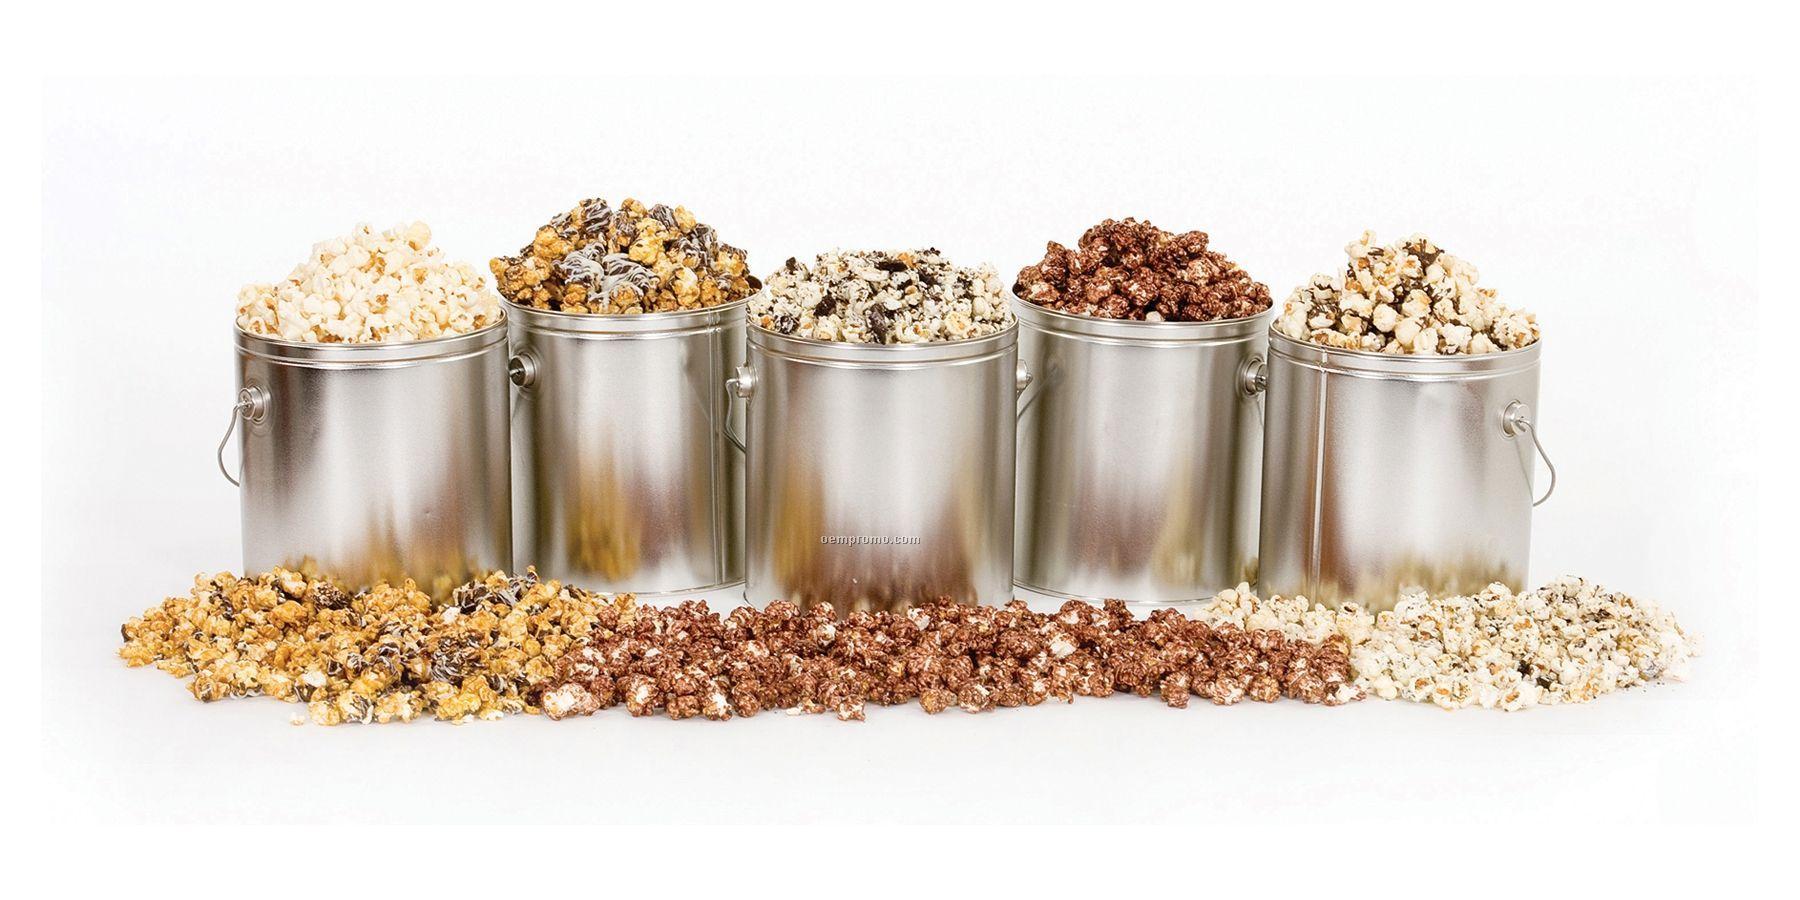 2 Gallon Cocoa Kettle Flavored Popcorn